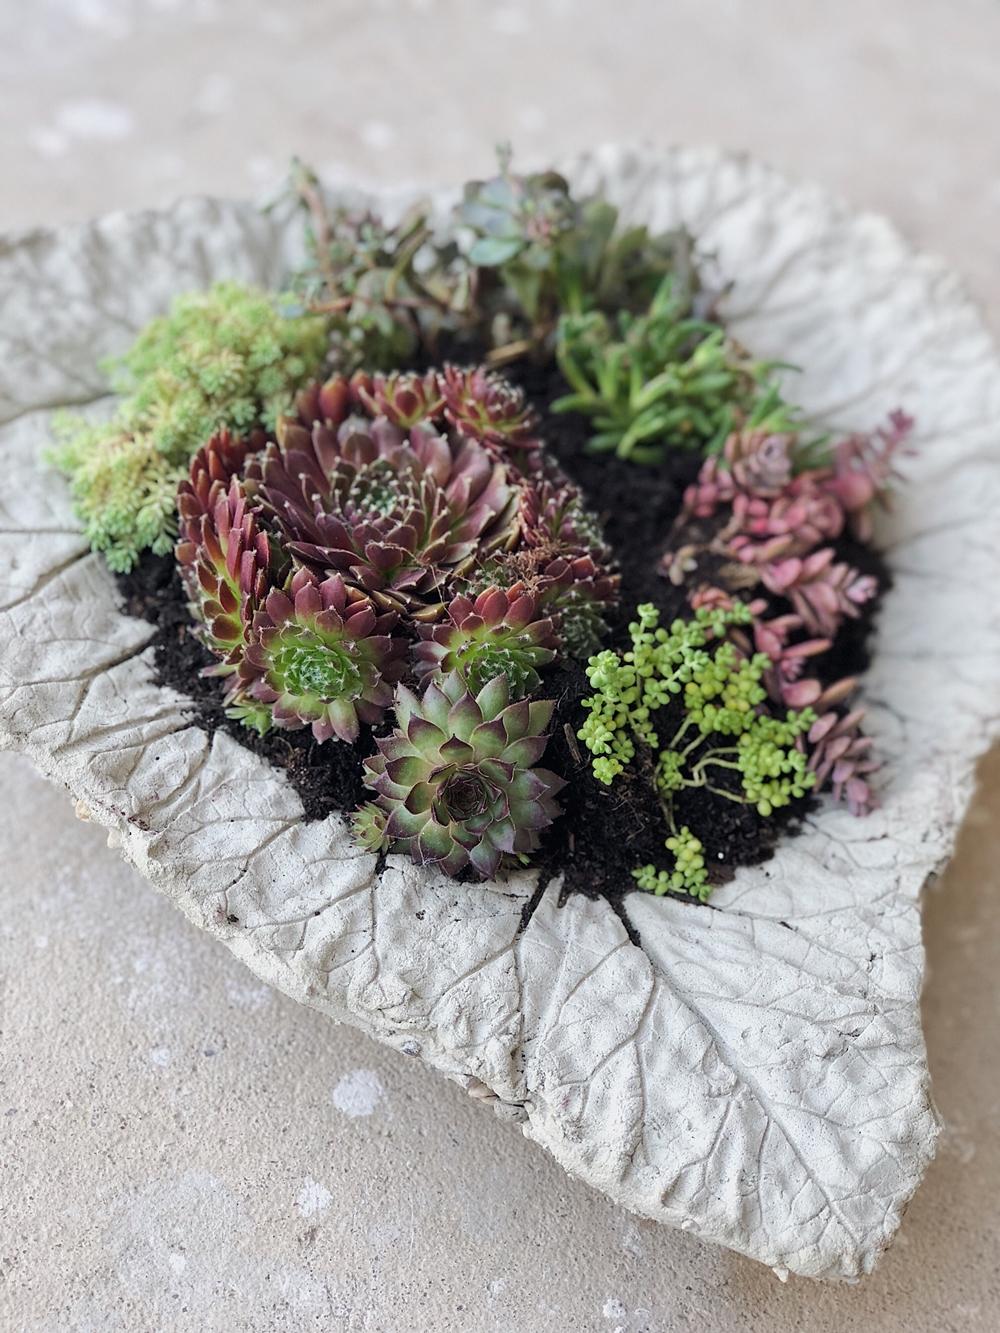 Diy Beton Pflanzschalen Aus Rhabarberblättern Für Den Garten